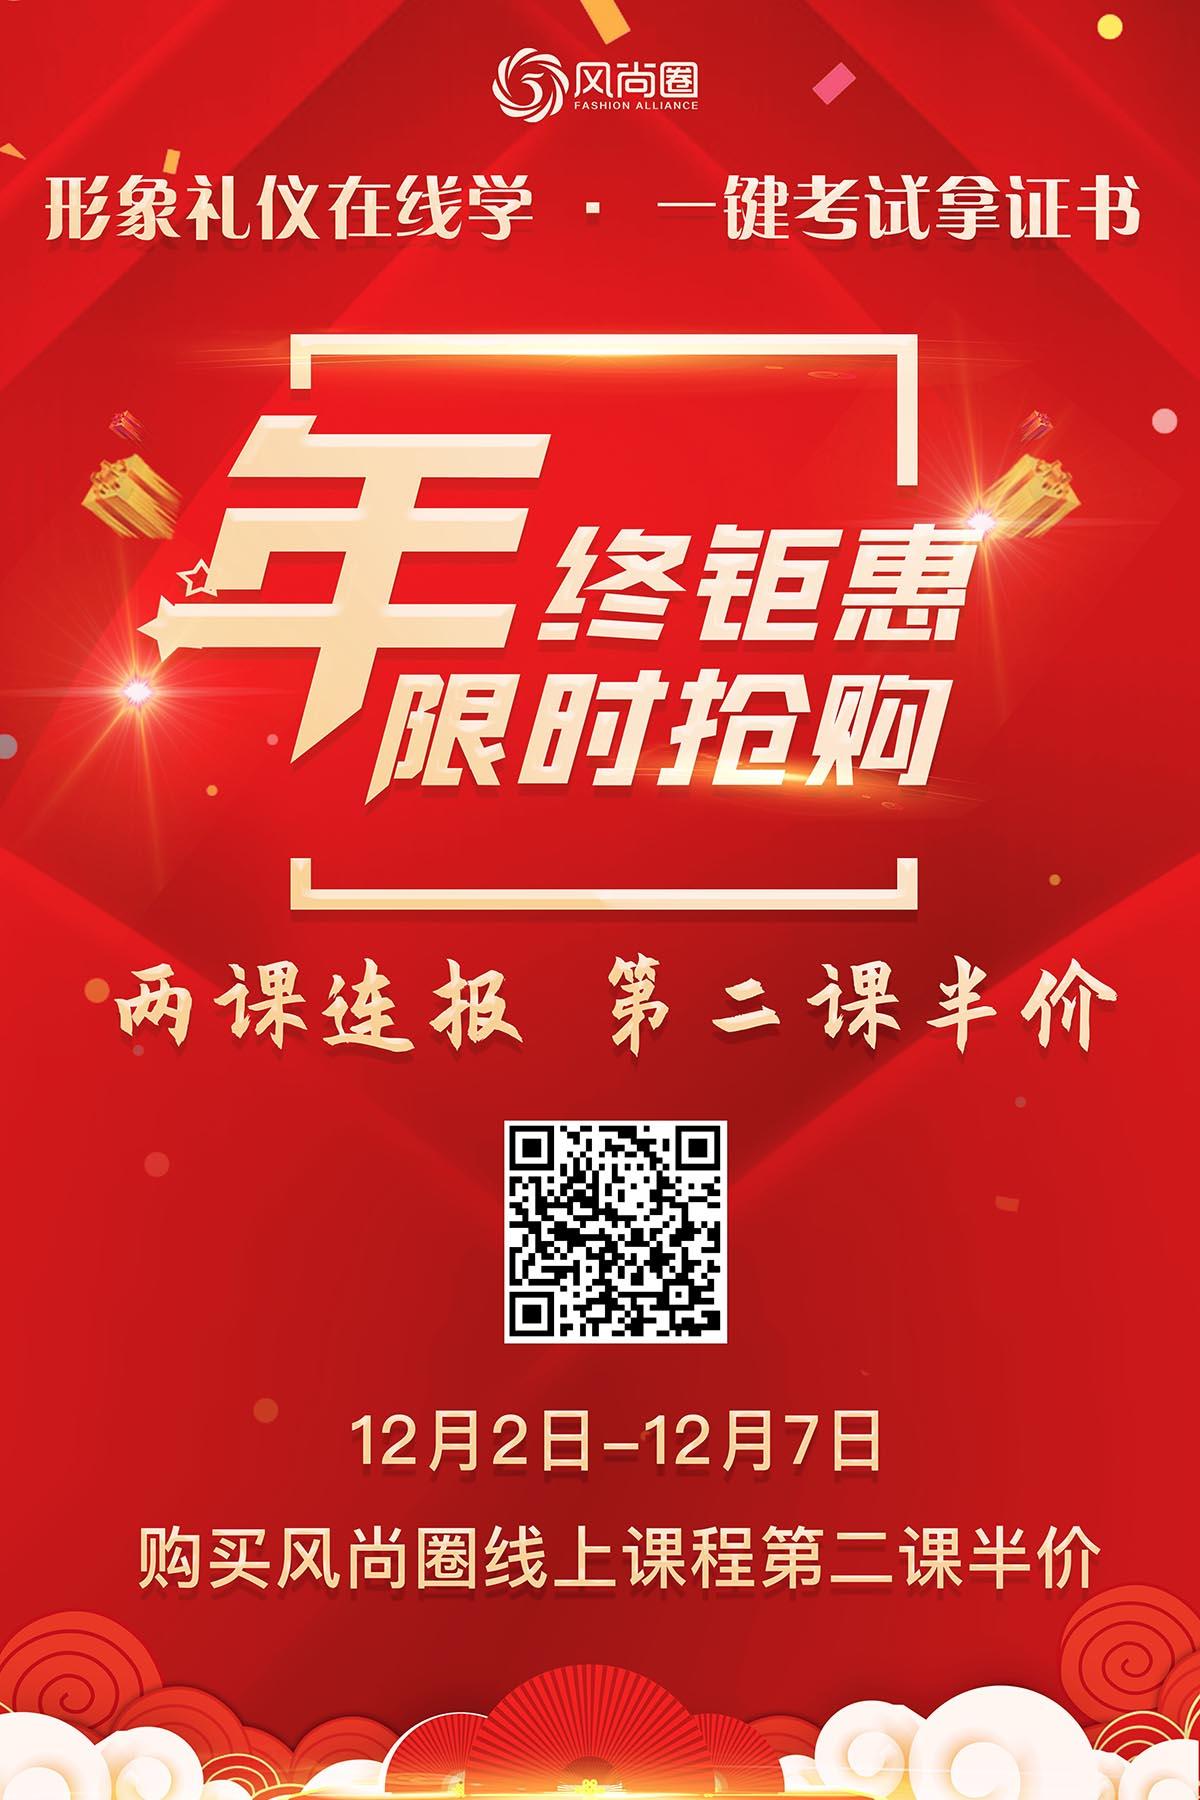 风尚圈年终钜惠来袭限时抢购!